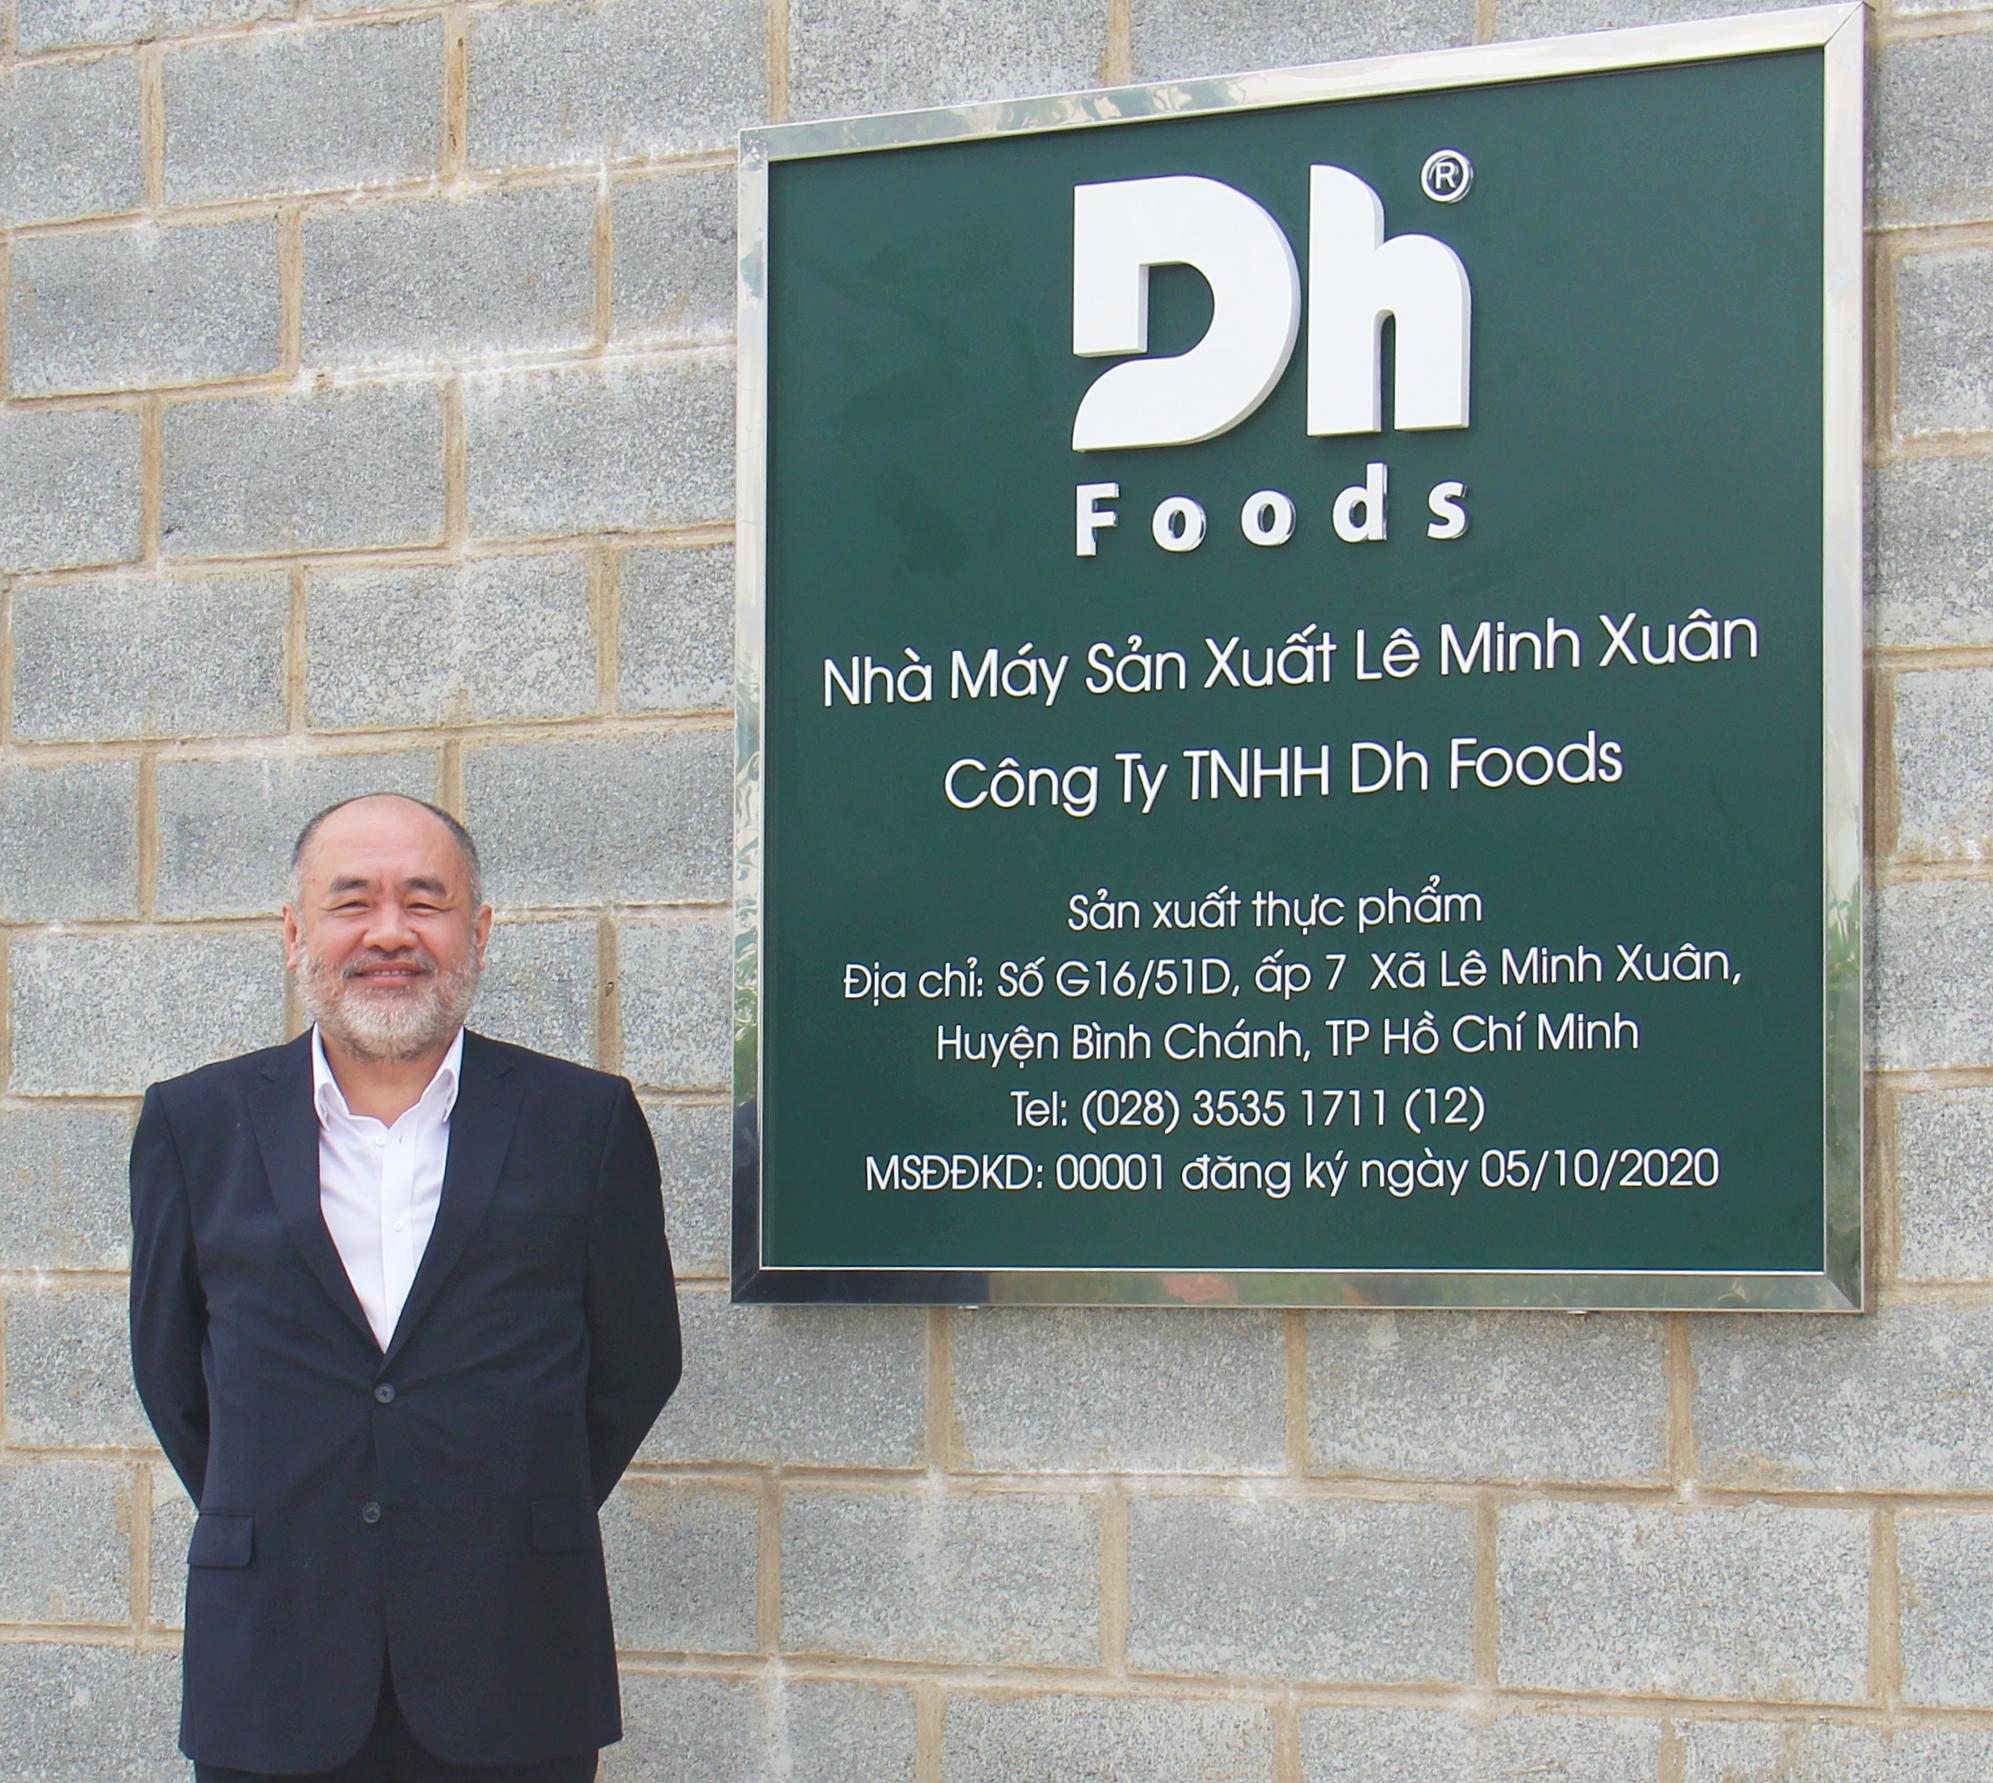 Ông Nguyễn Trung Dũng - CEO Dh Foods. Ảnh: NVCC.